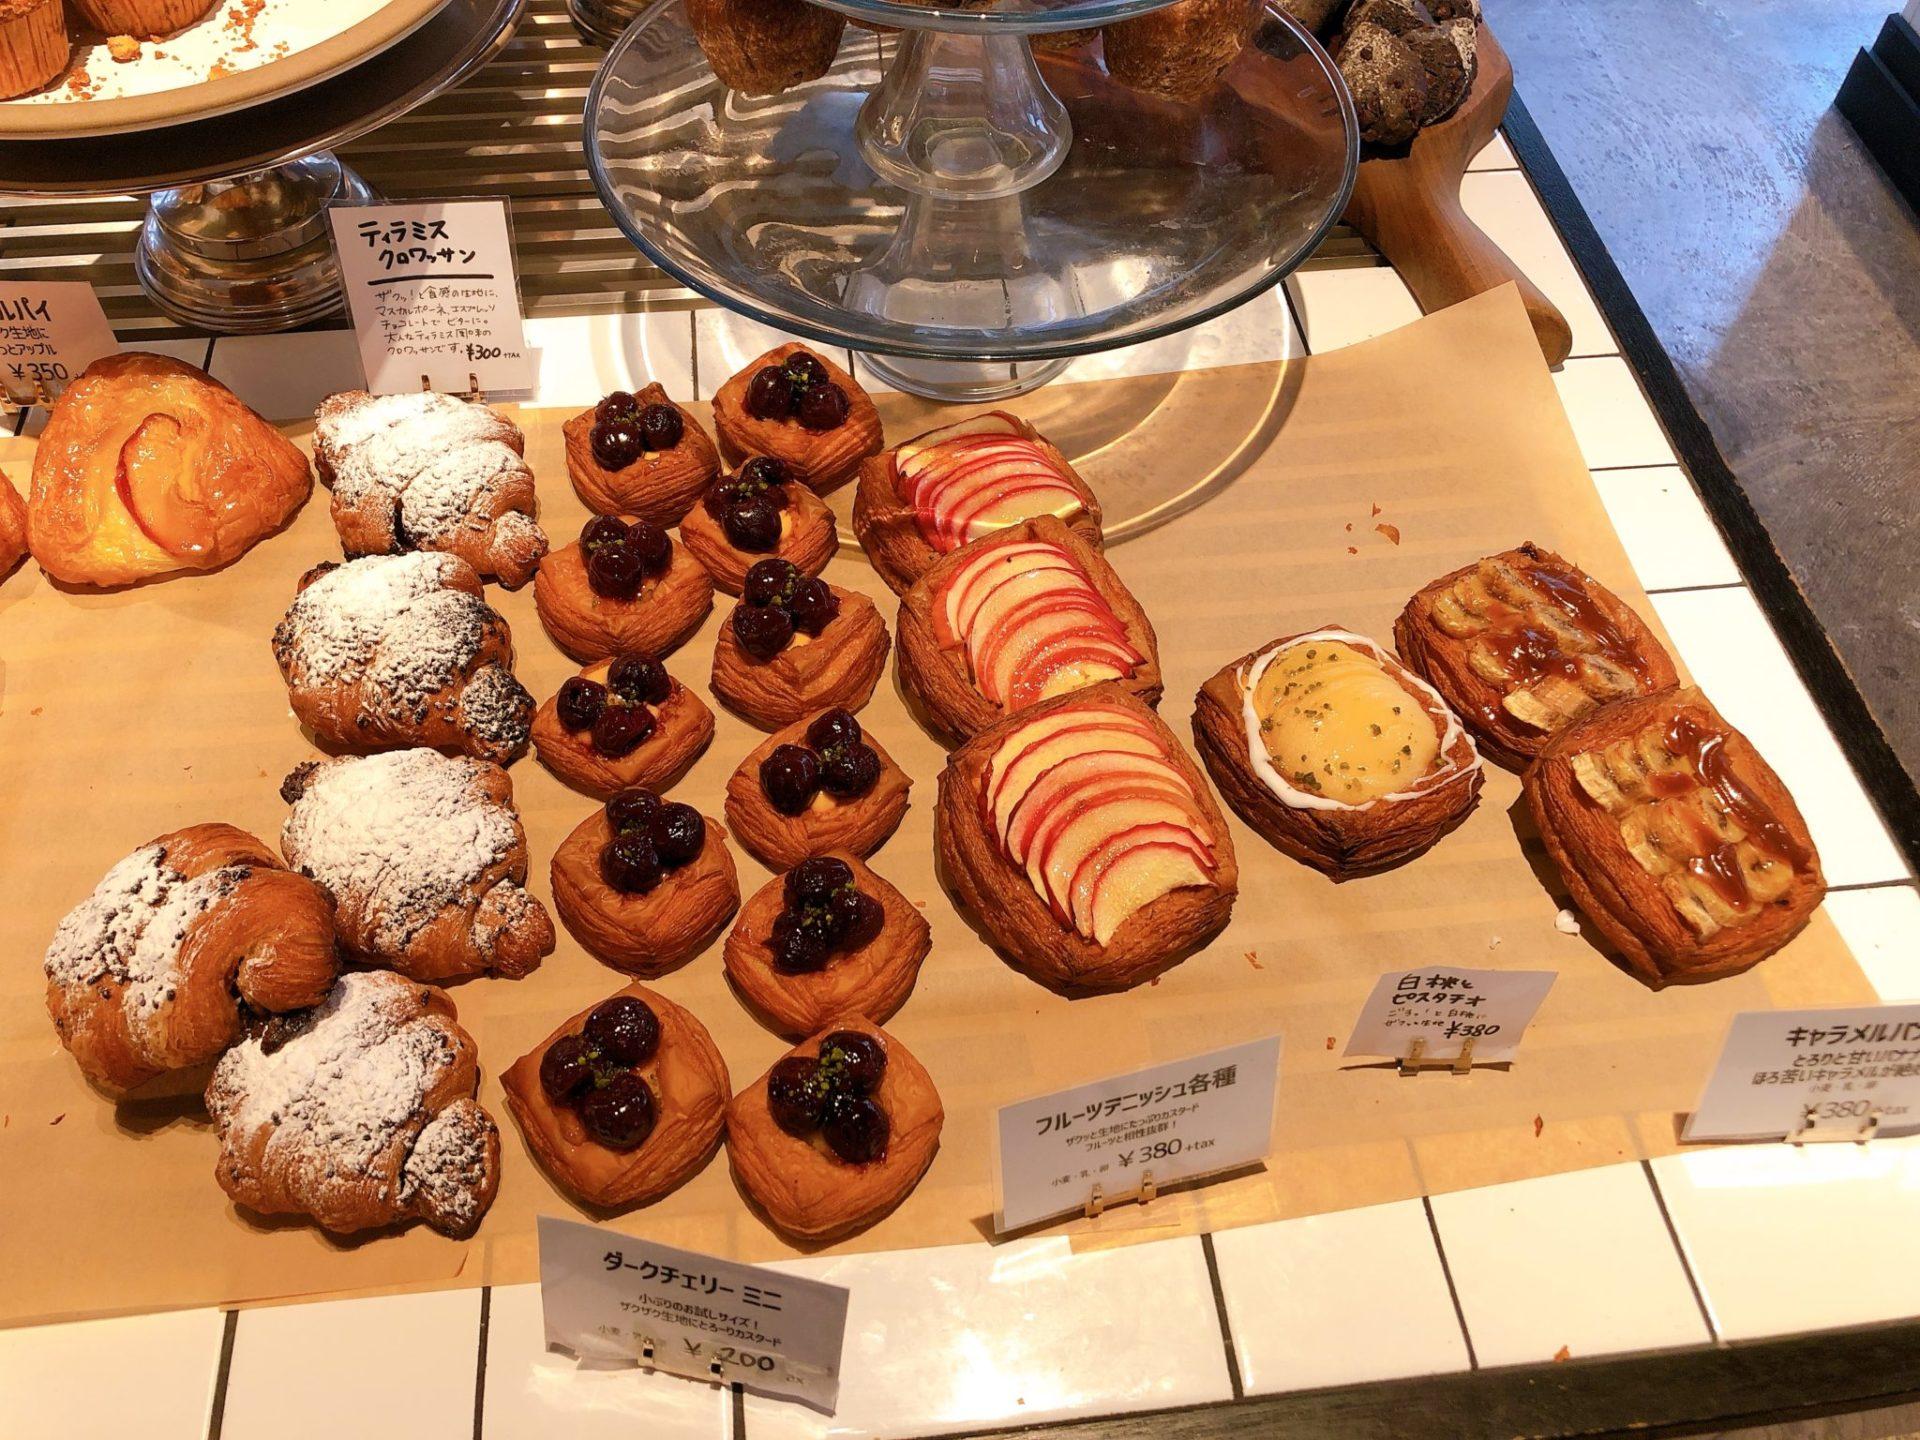 トリュフベーカリー三軒茶屋店のデニッシュパン